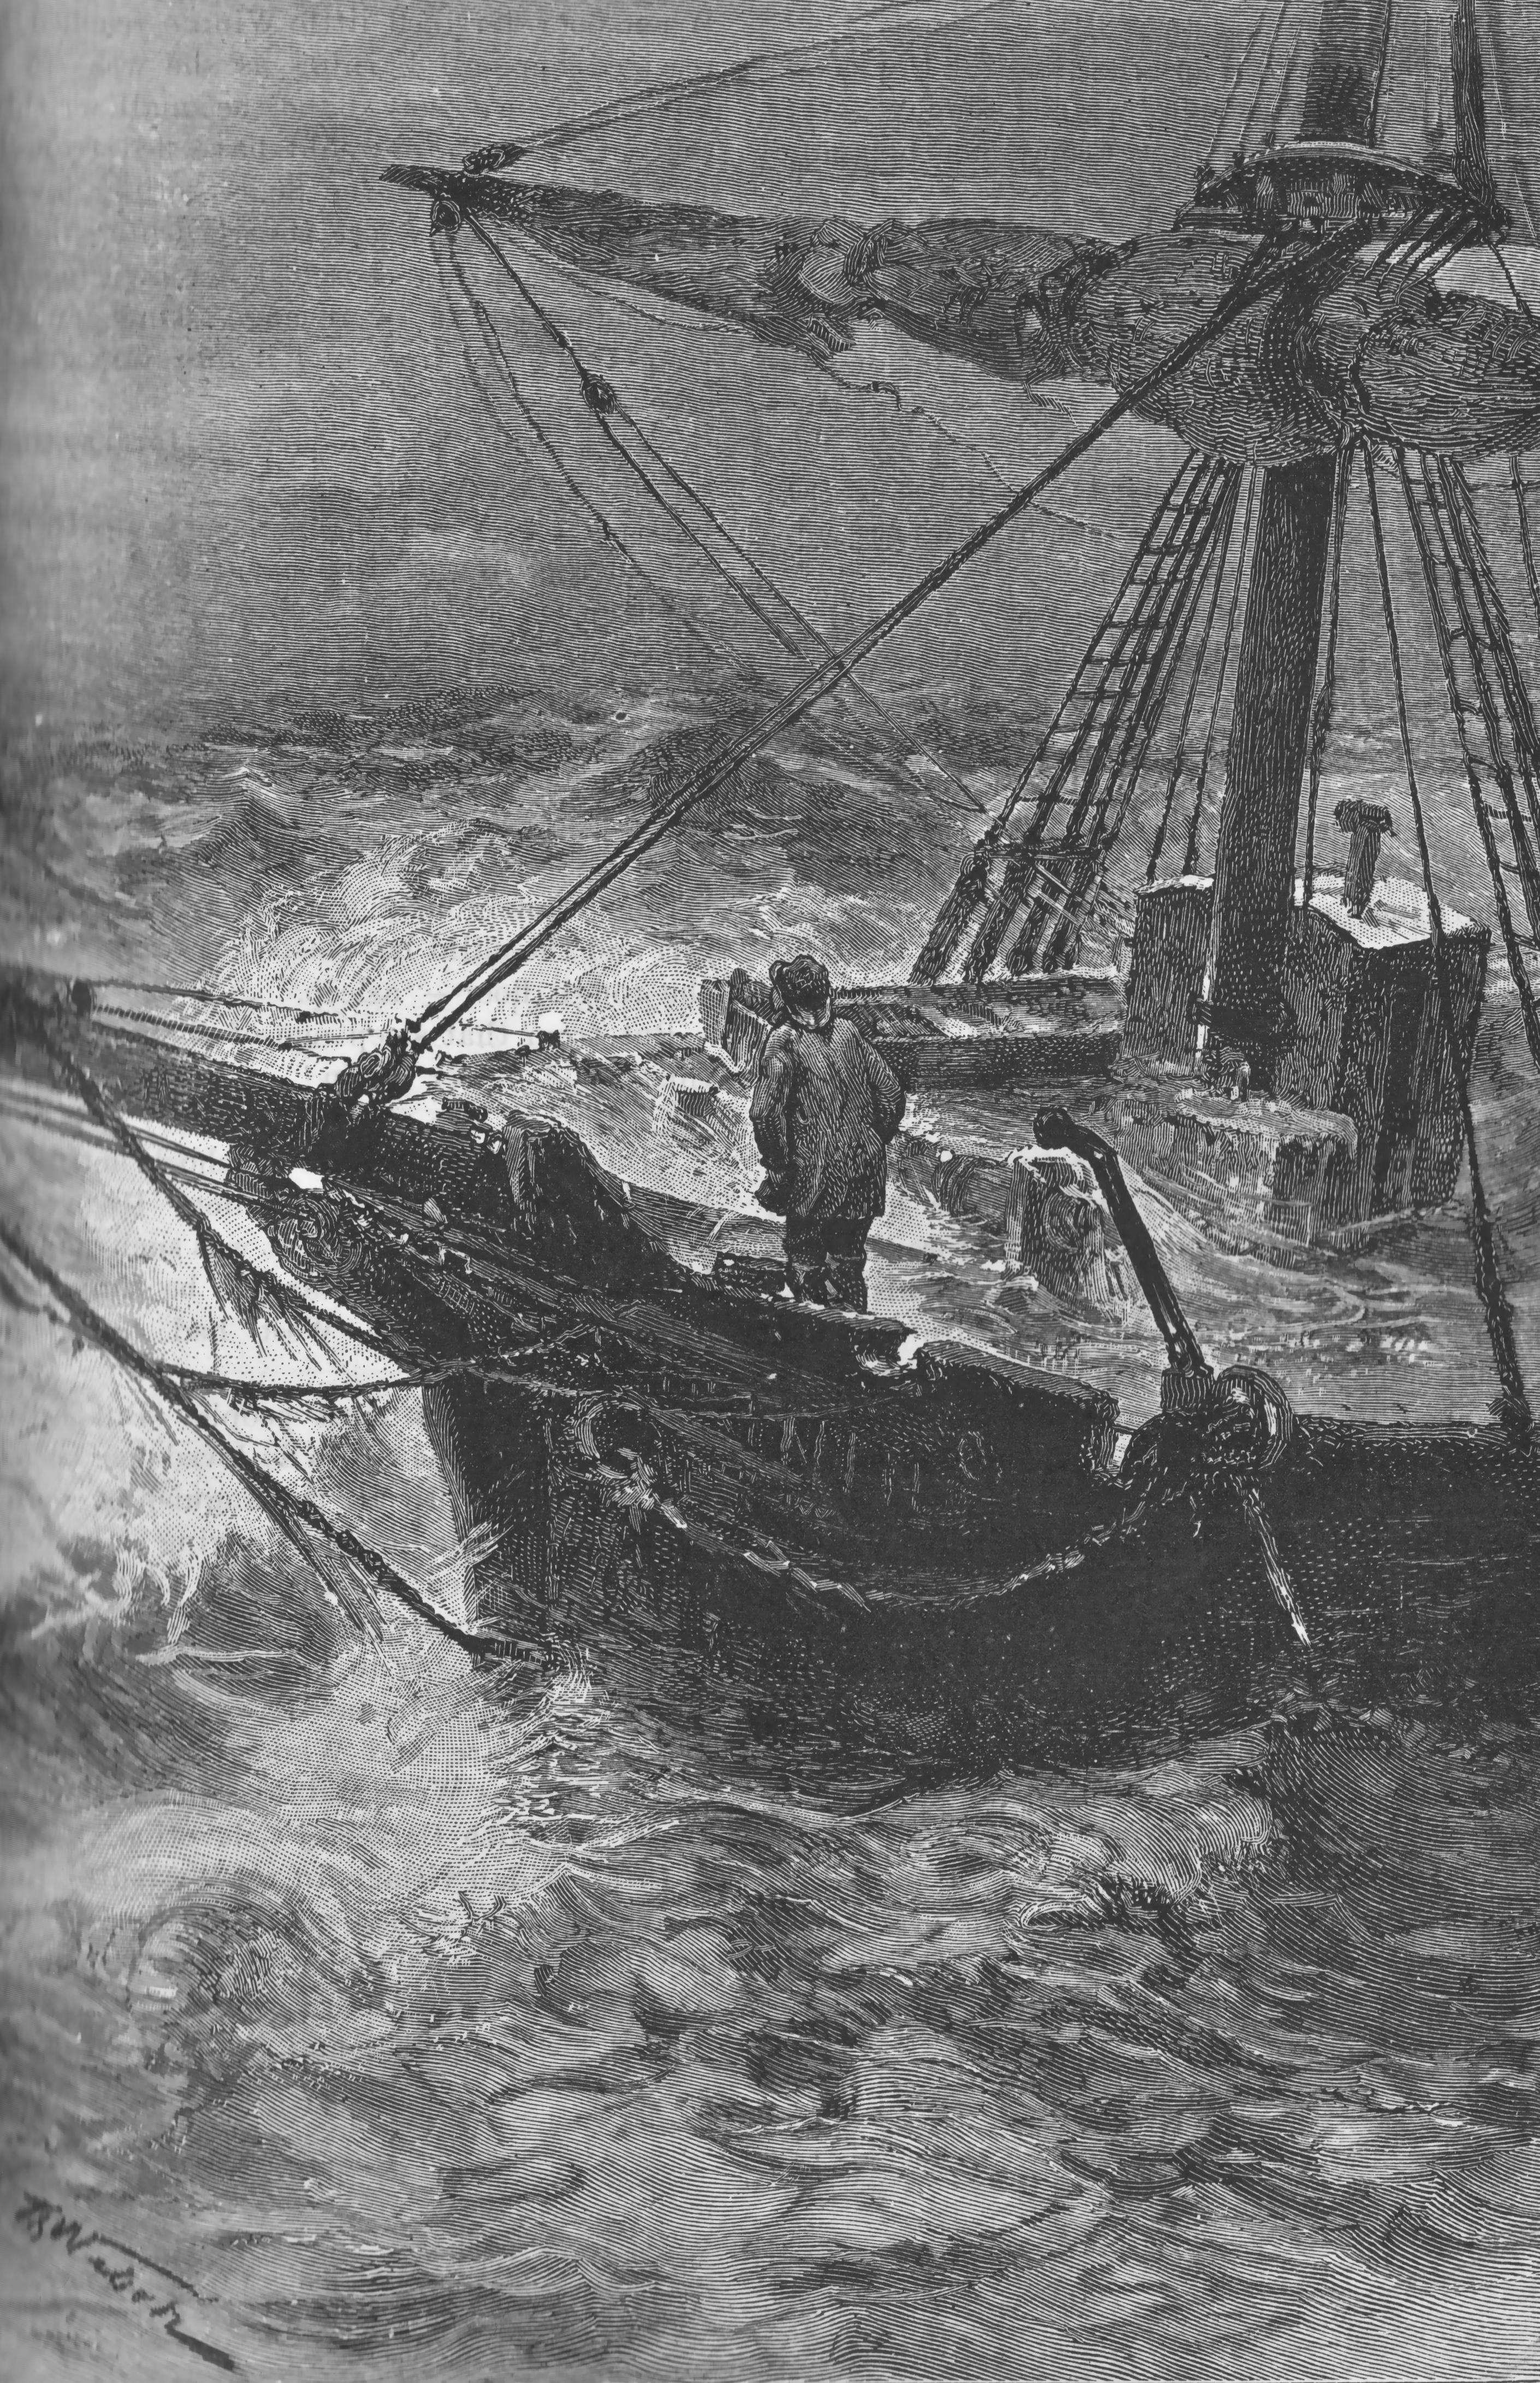 quiver-1889-boat-rough-seas